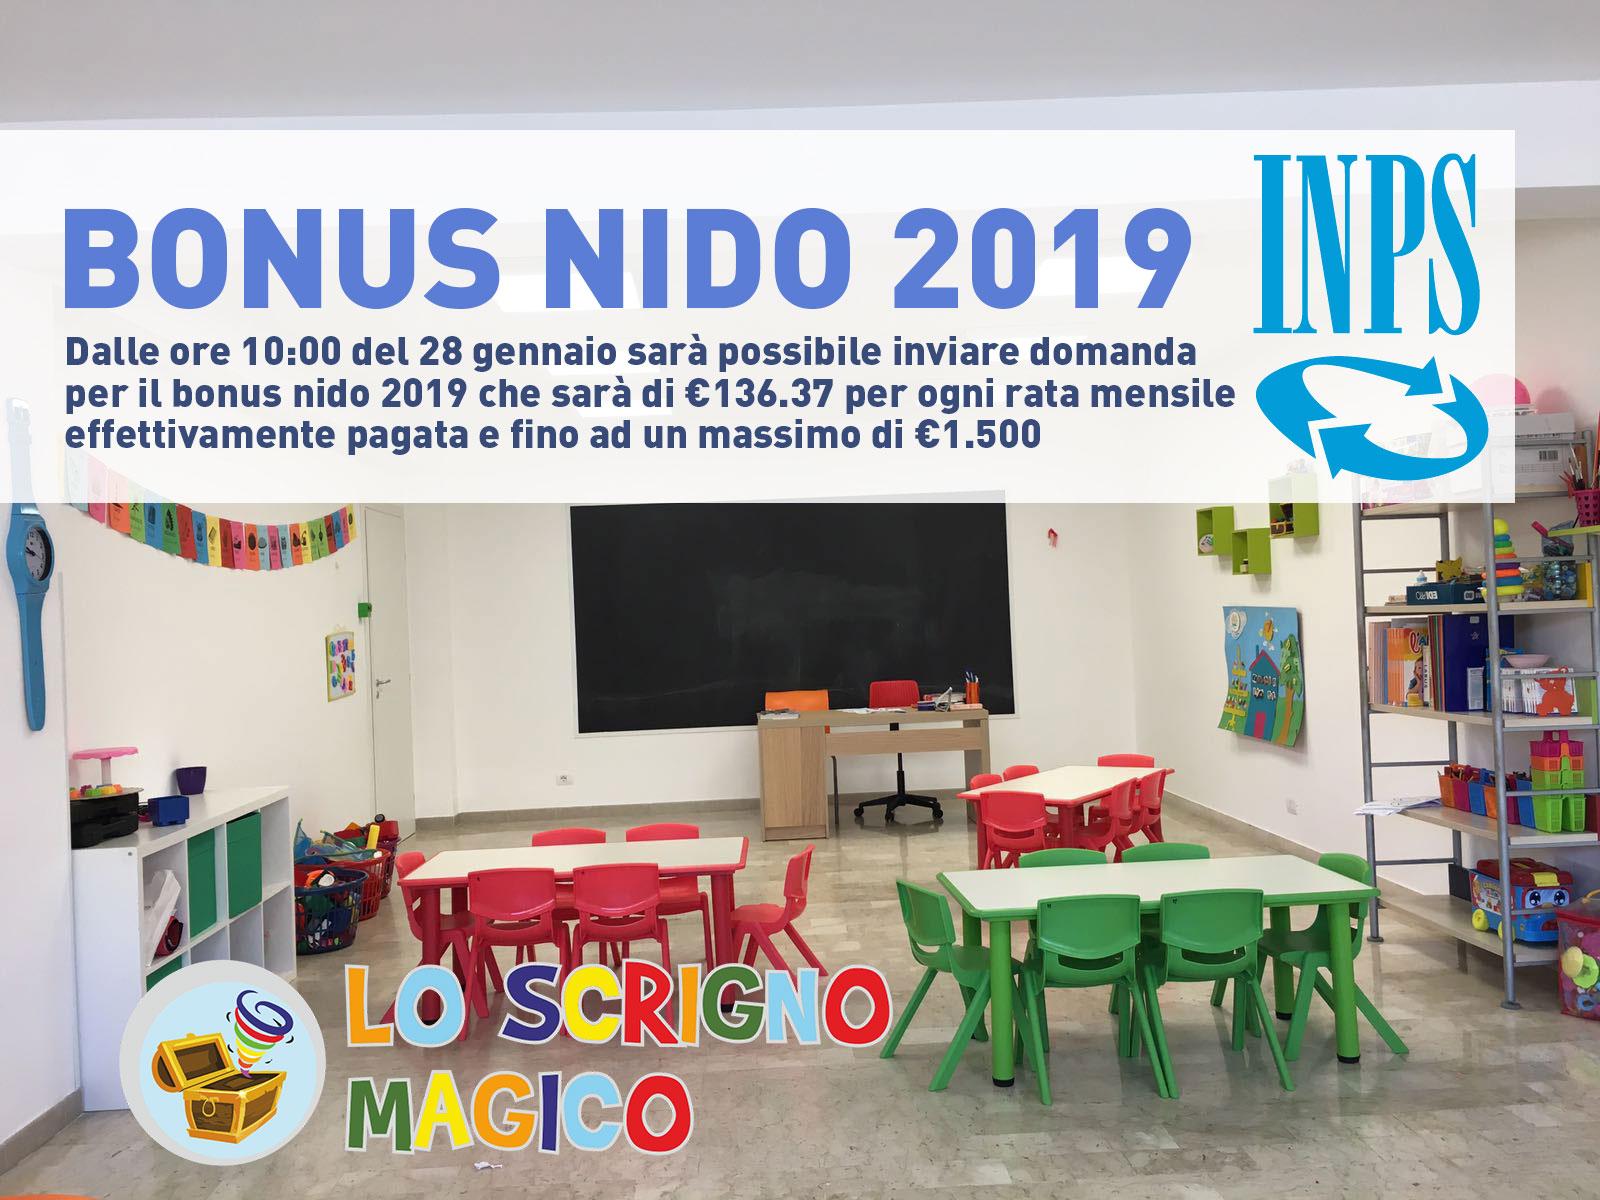 Bonus nido 2019 come funziona e come richiederlo lo for Bonus asilo nido 2019 requisiti